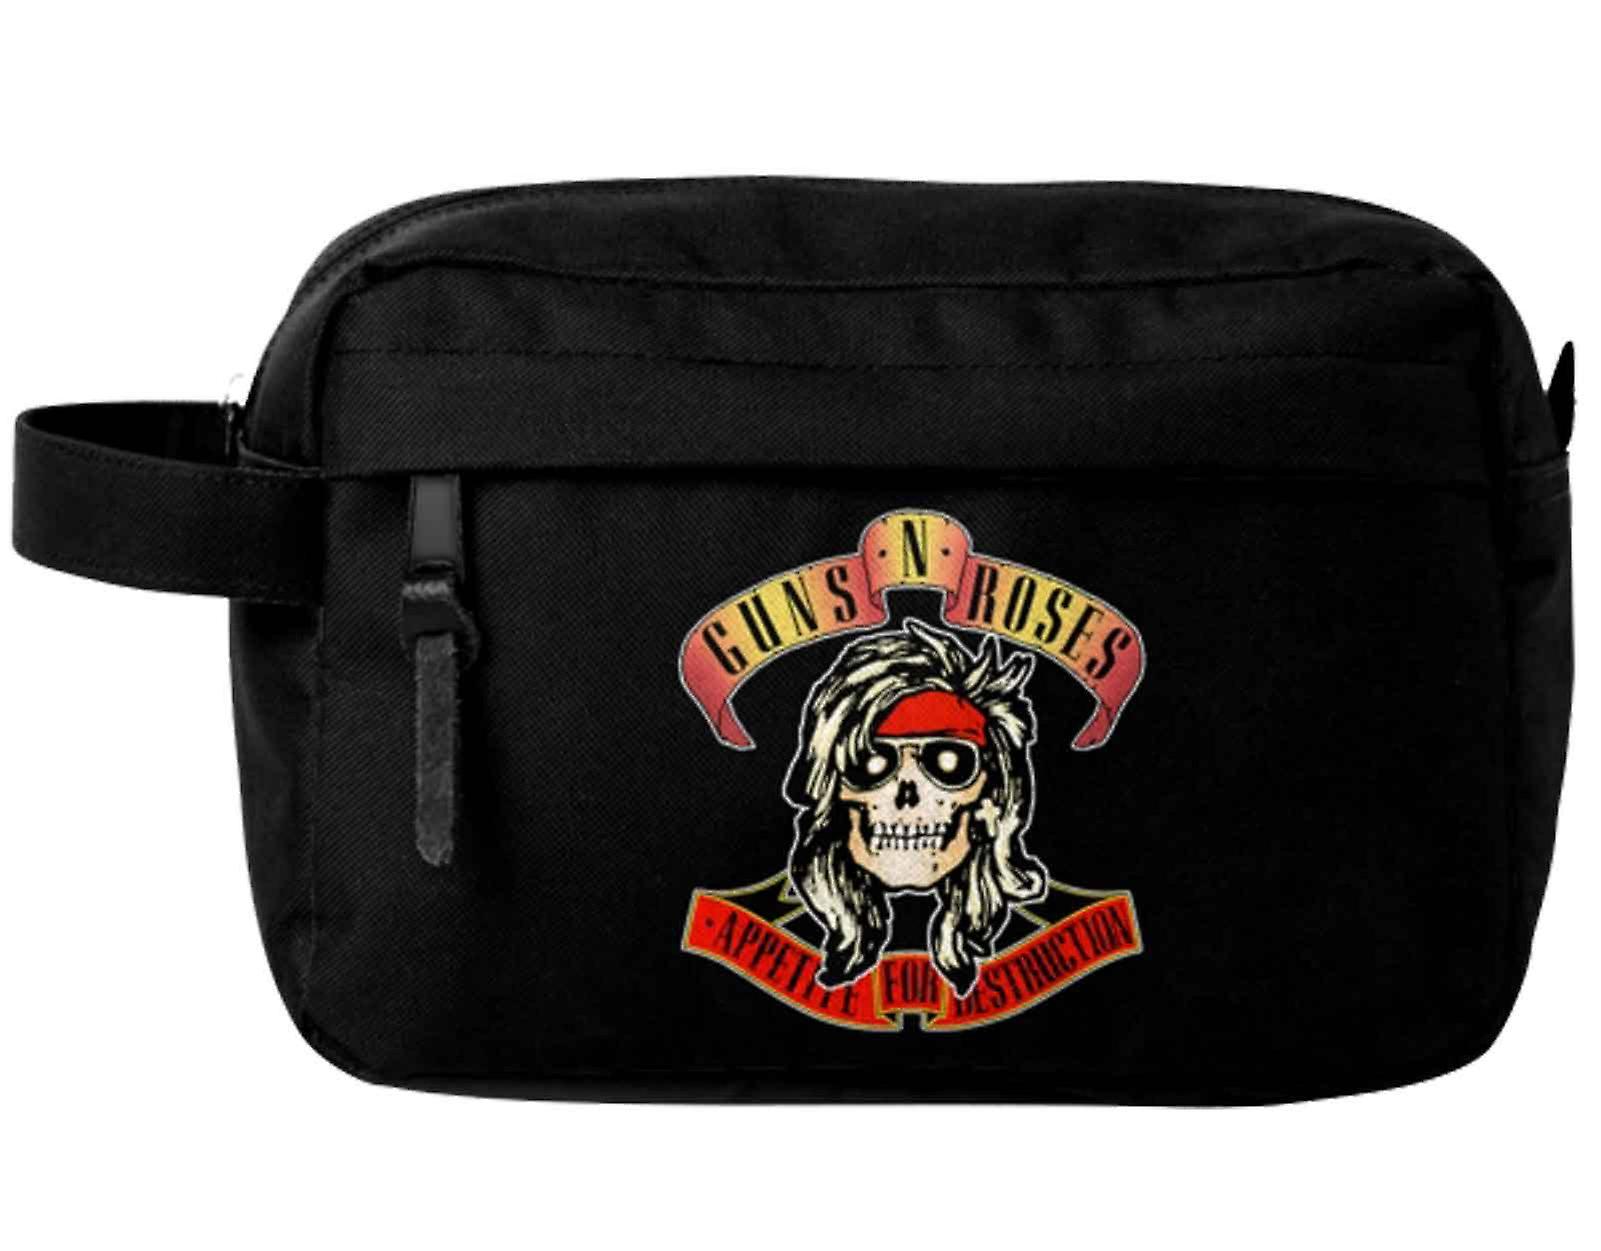 Guns N Roses tvätta Bag aptit för förstörelse band logo nya officiella svart